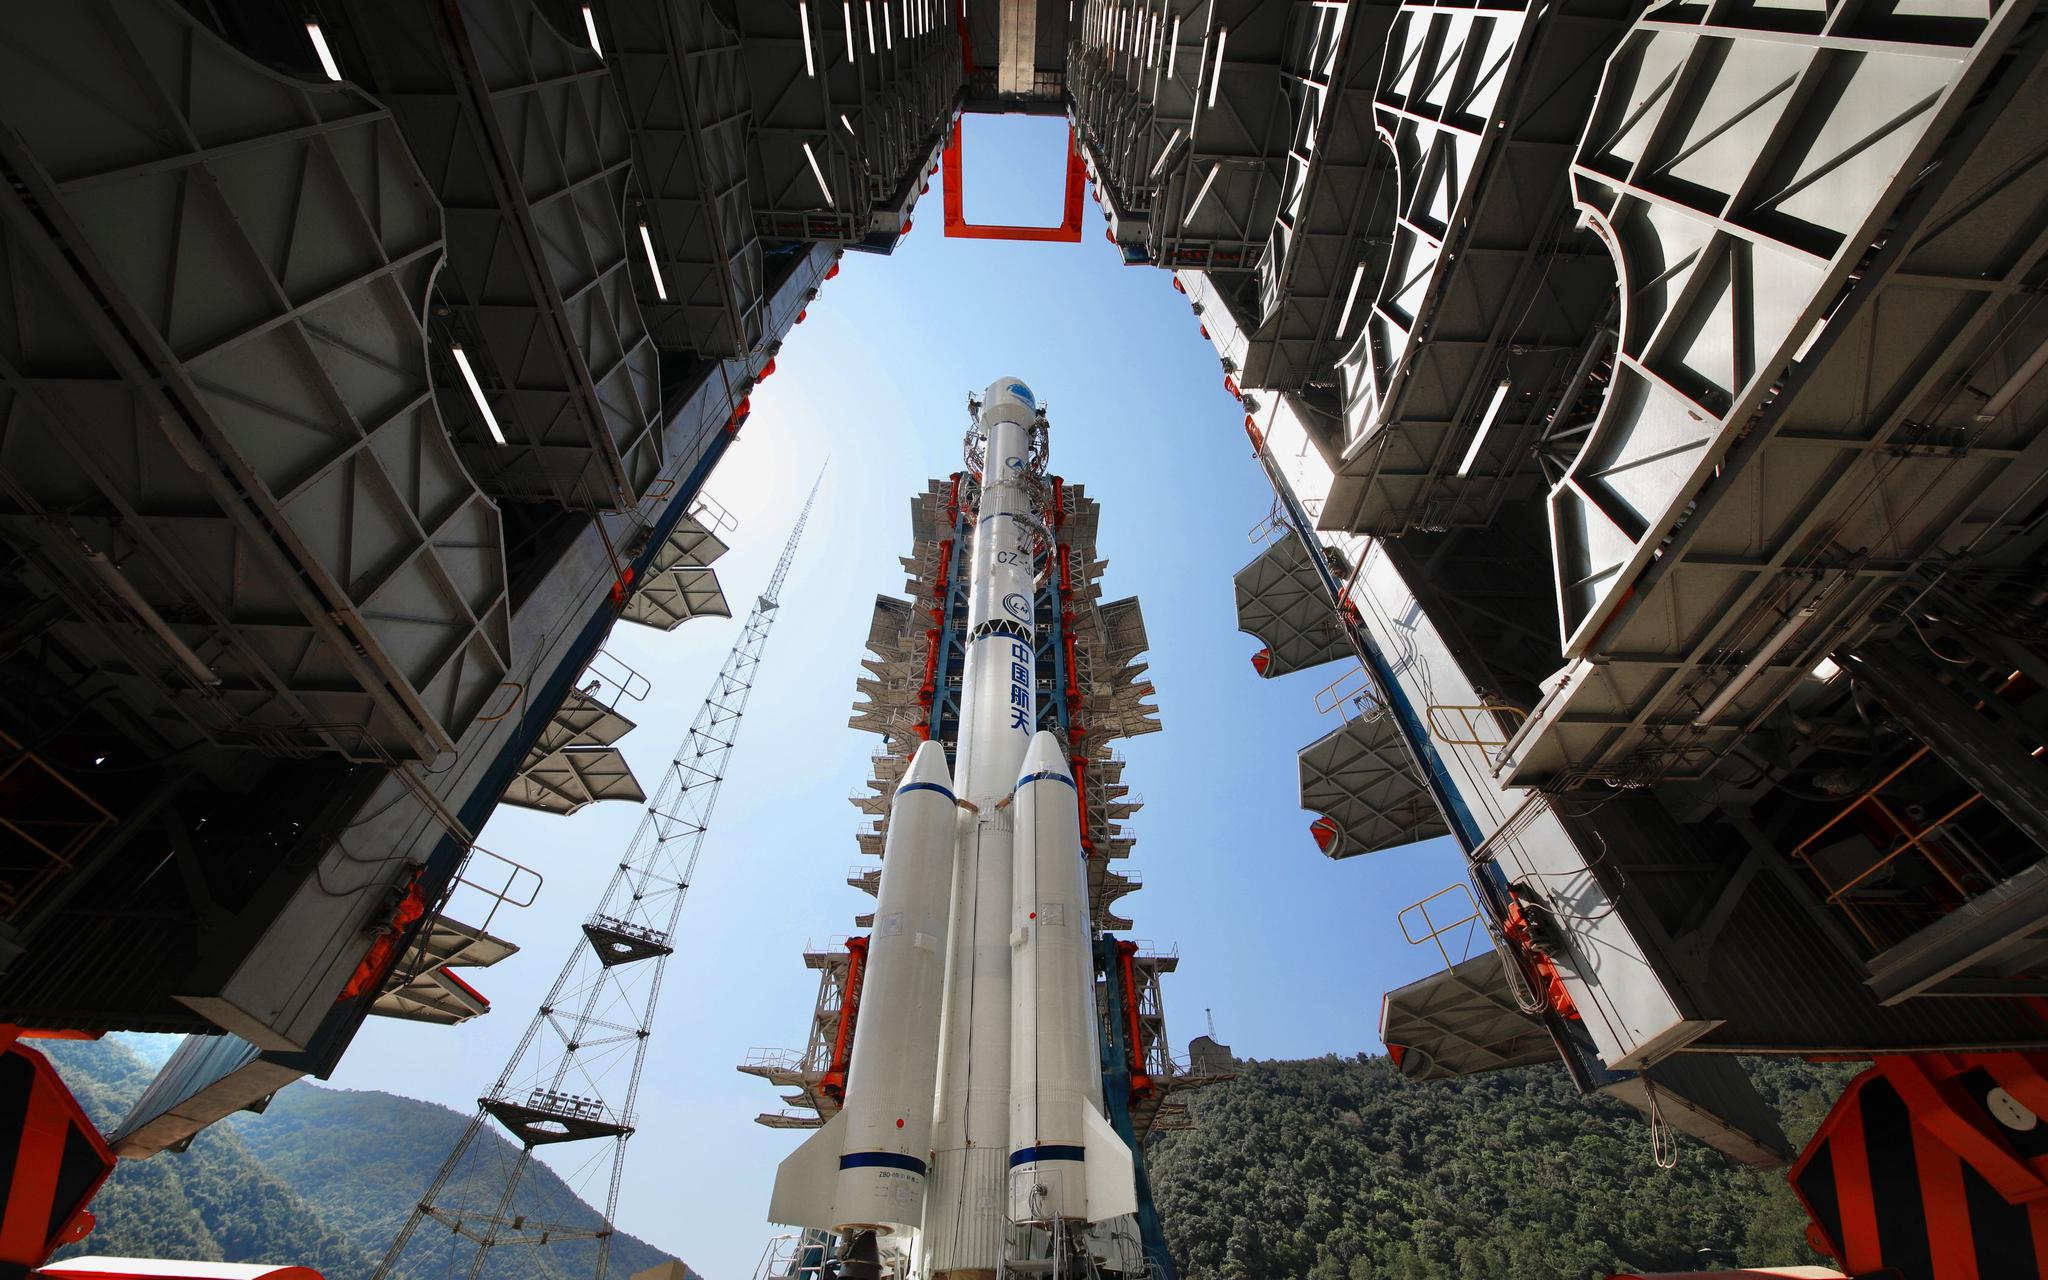 为什么最后一次发布被推迟了?揭秘前三名火箭护航北斗七星的方式|北斗|常三佳|发射推迟了几天,这是怎么回事?